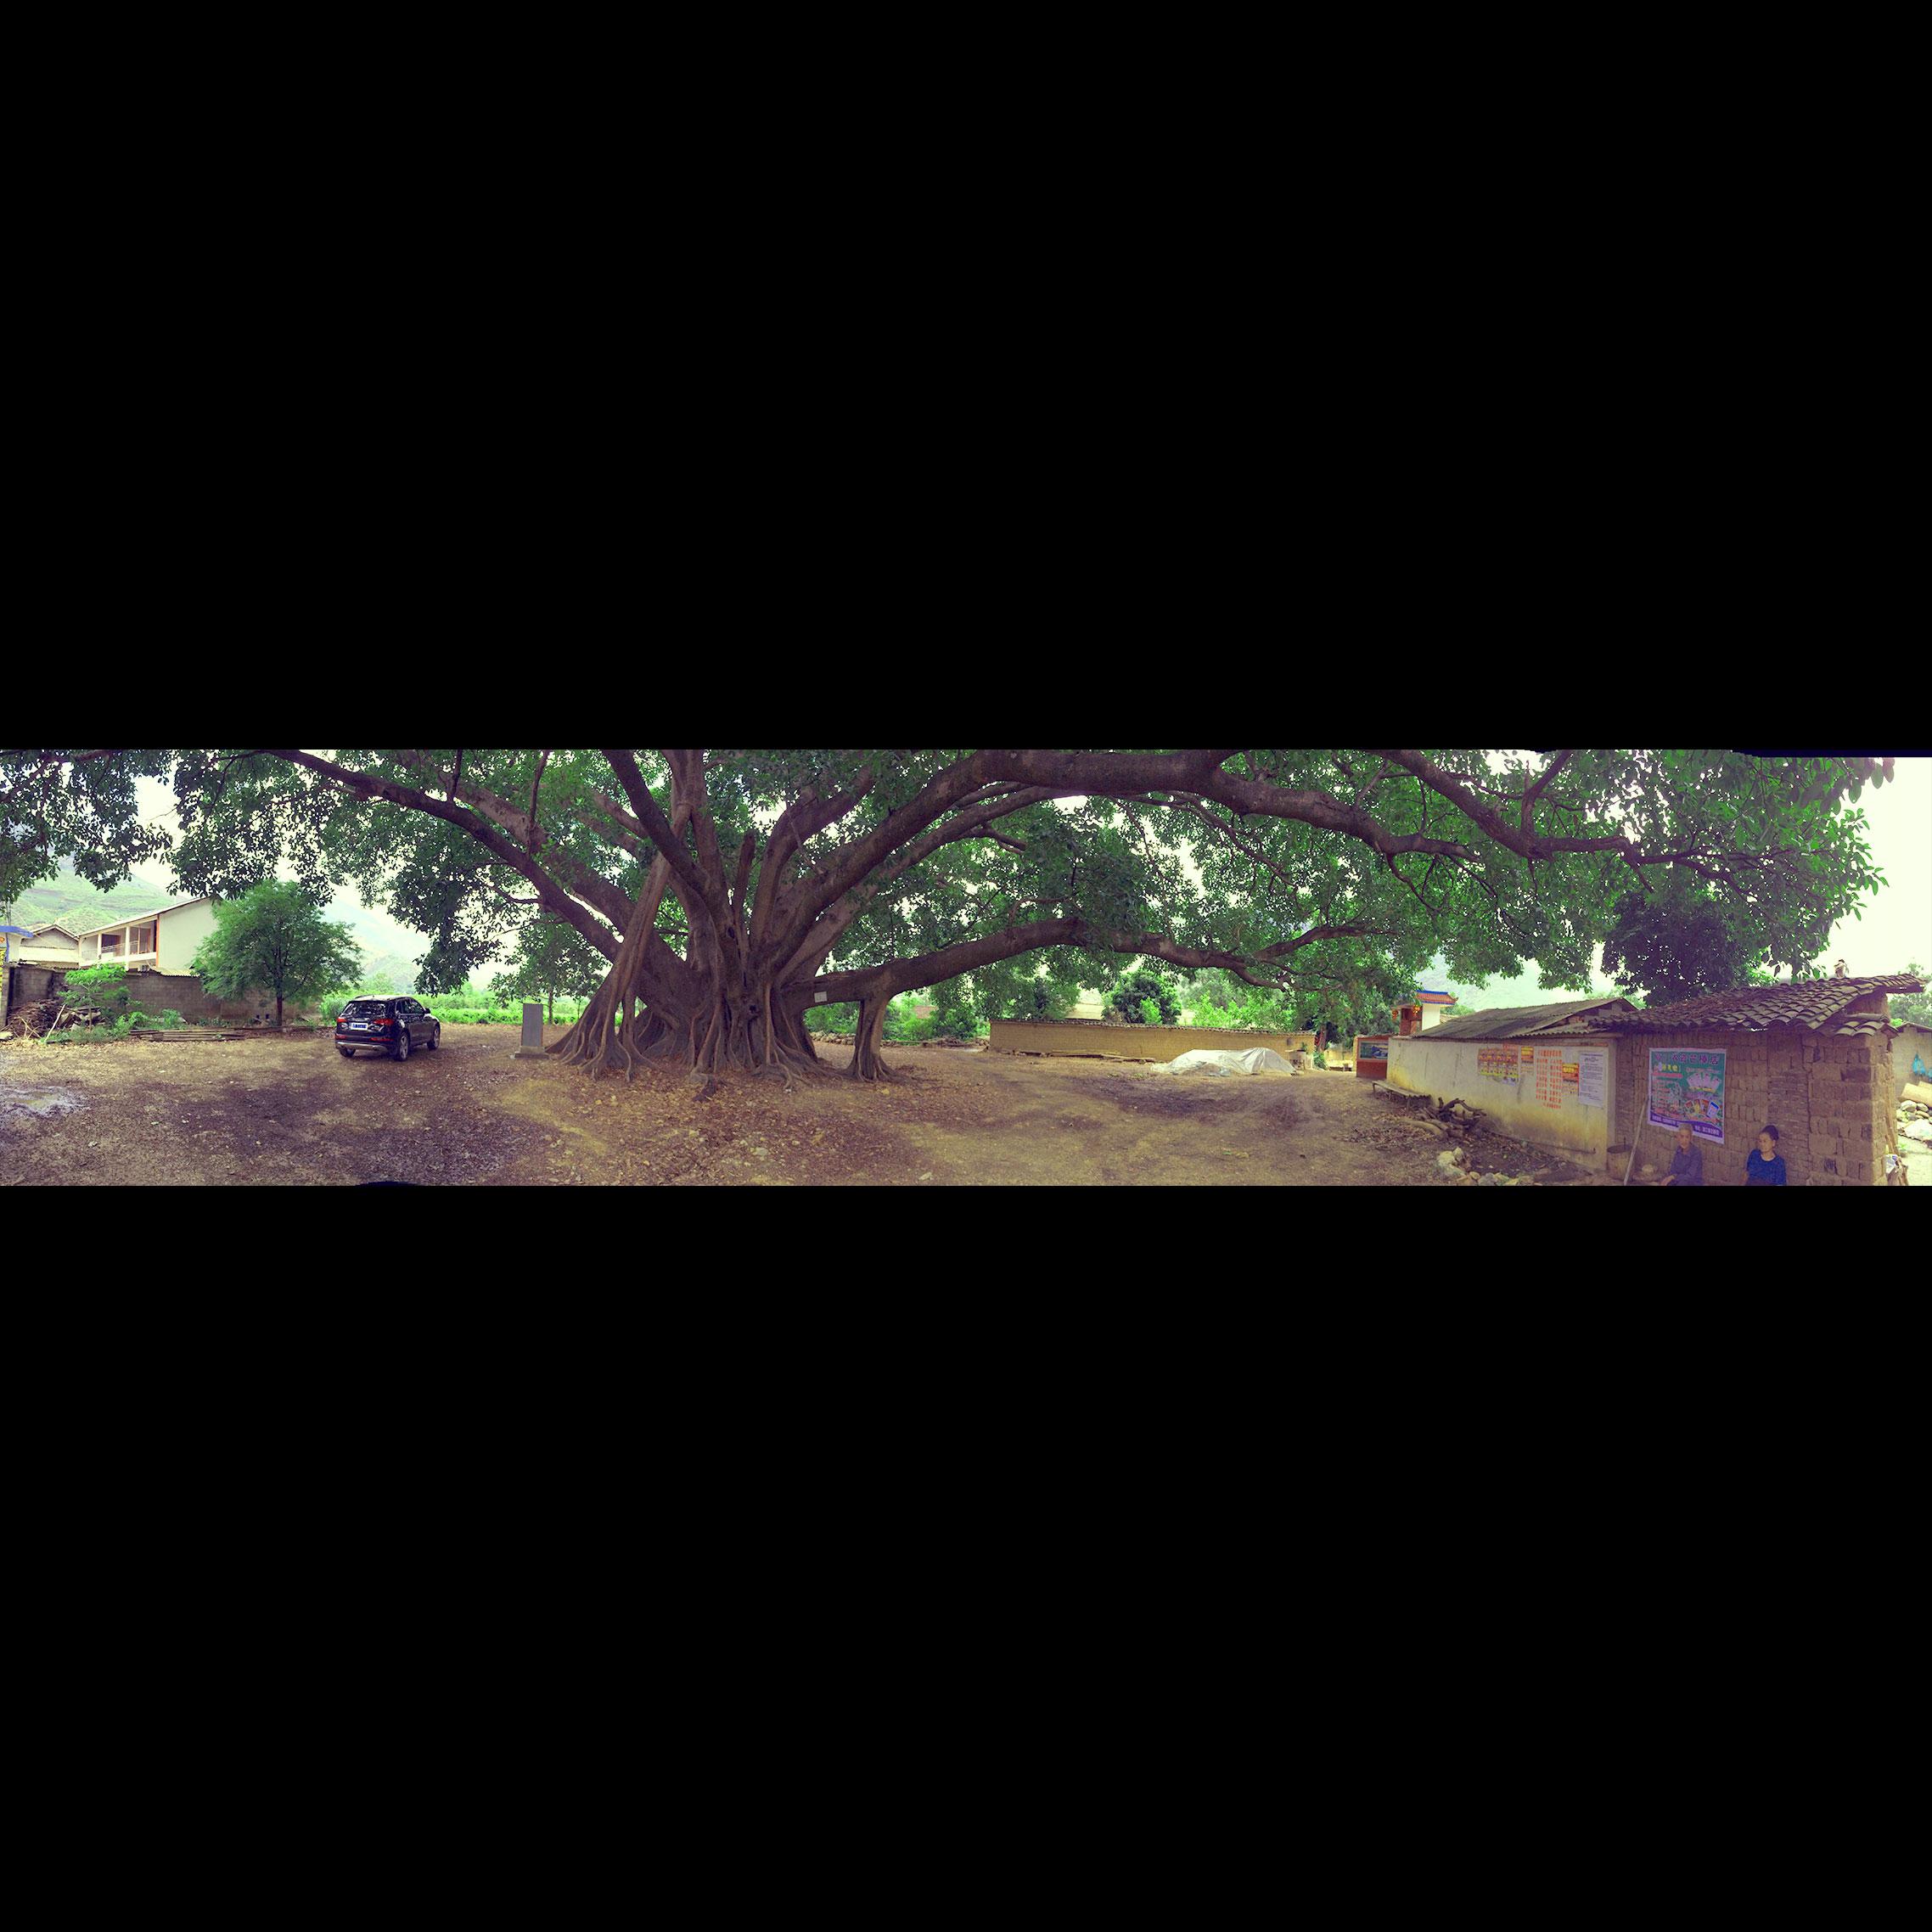 Super big tree